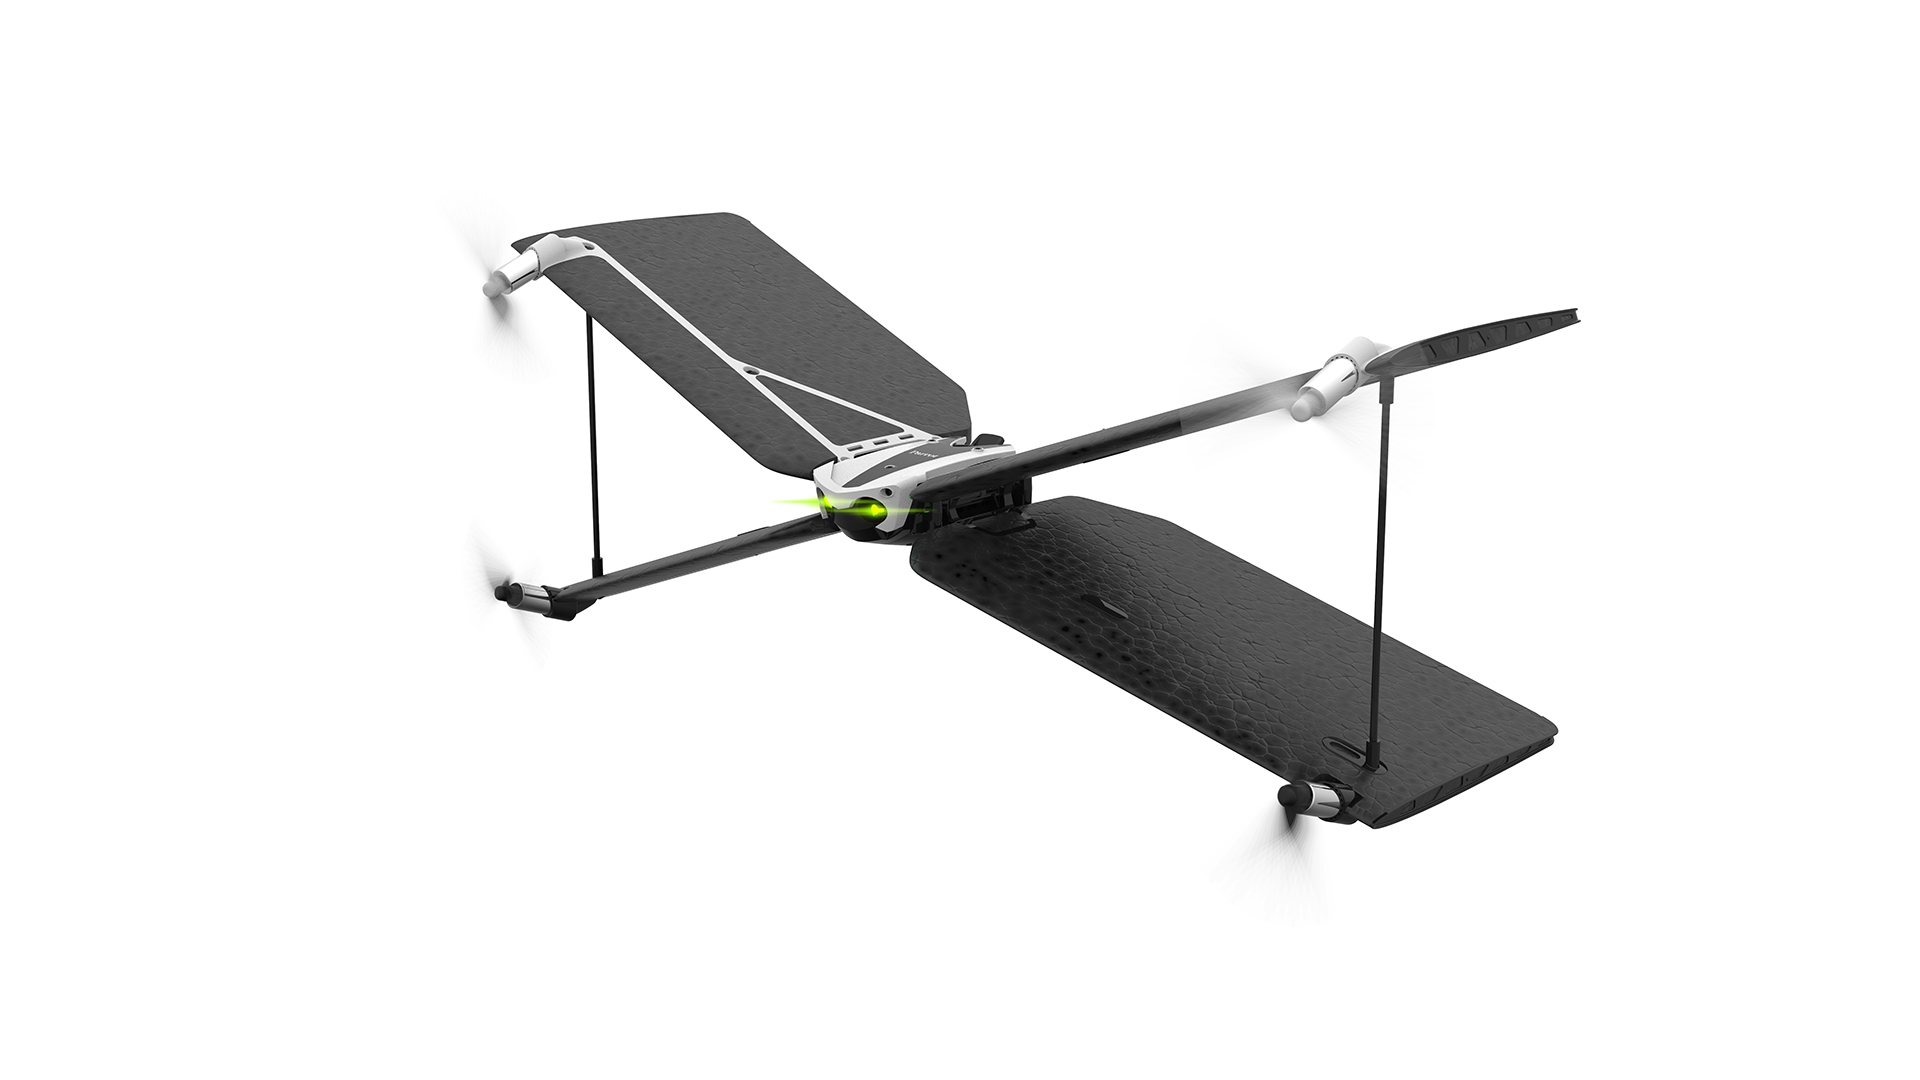 parrot-minidrones-swing